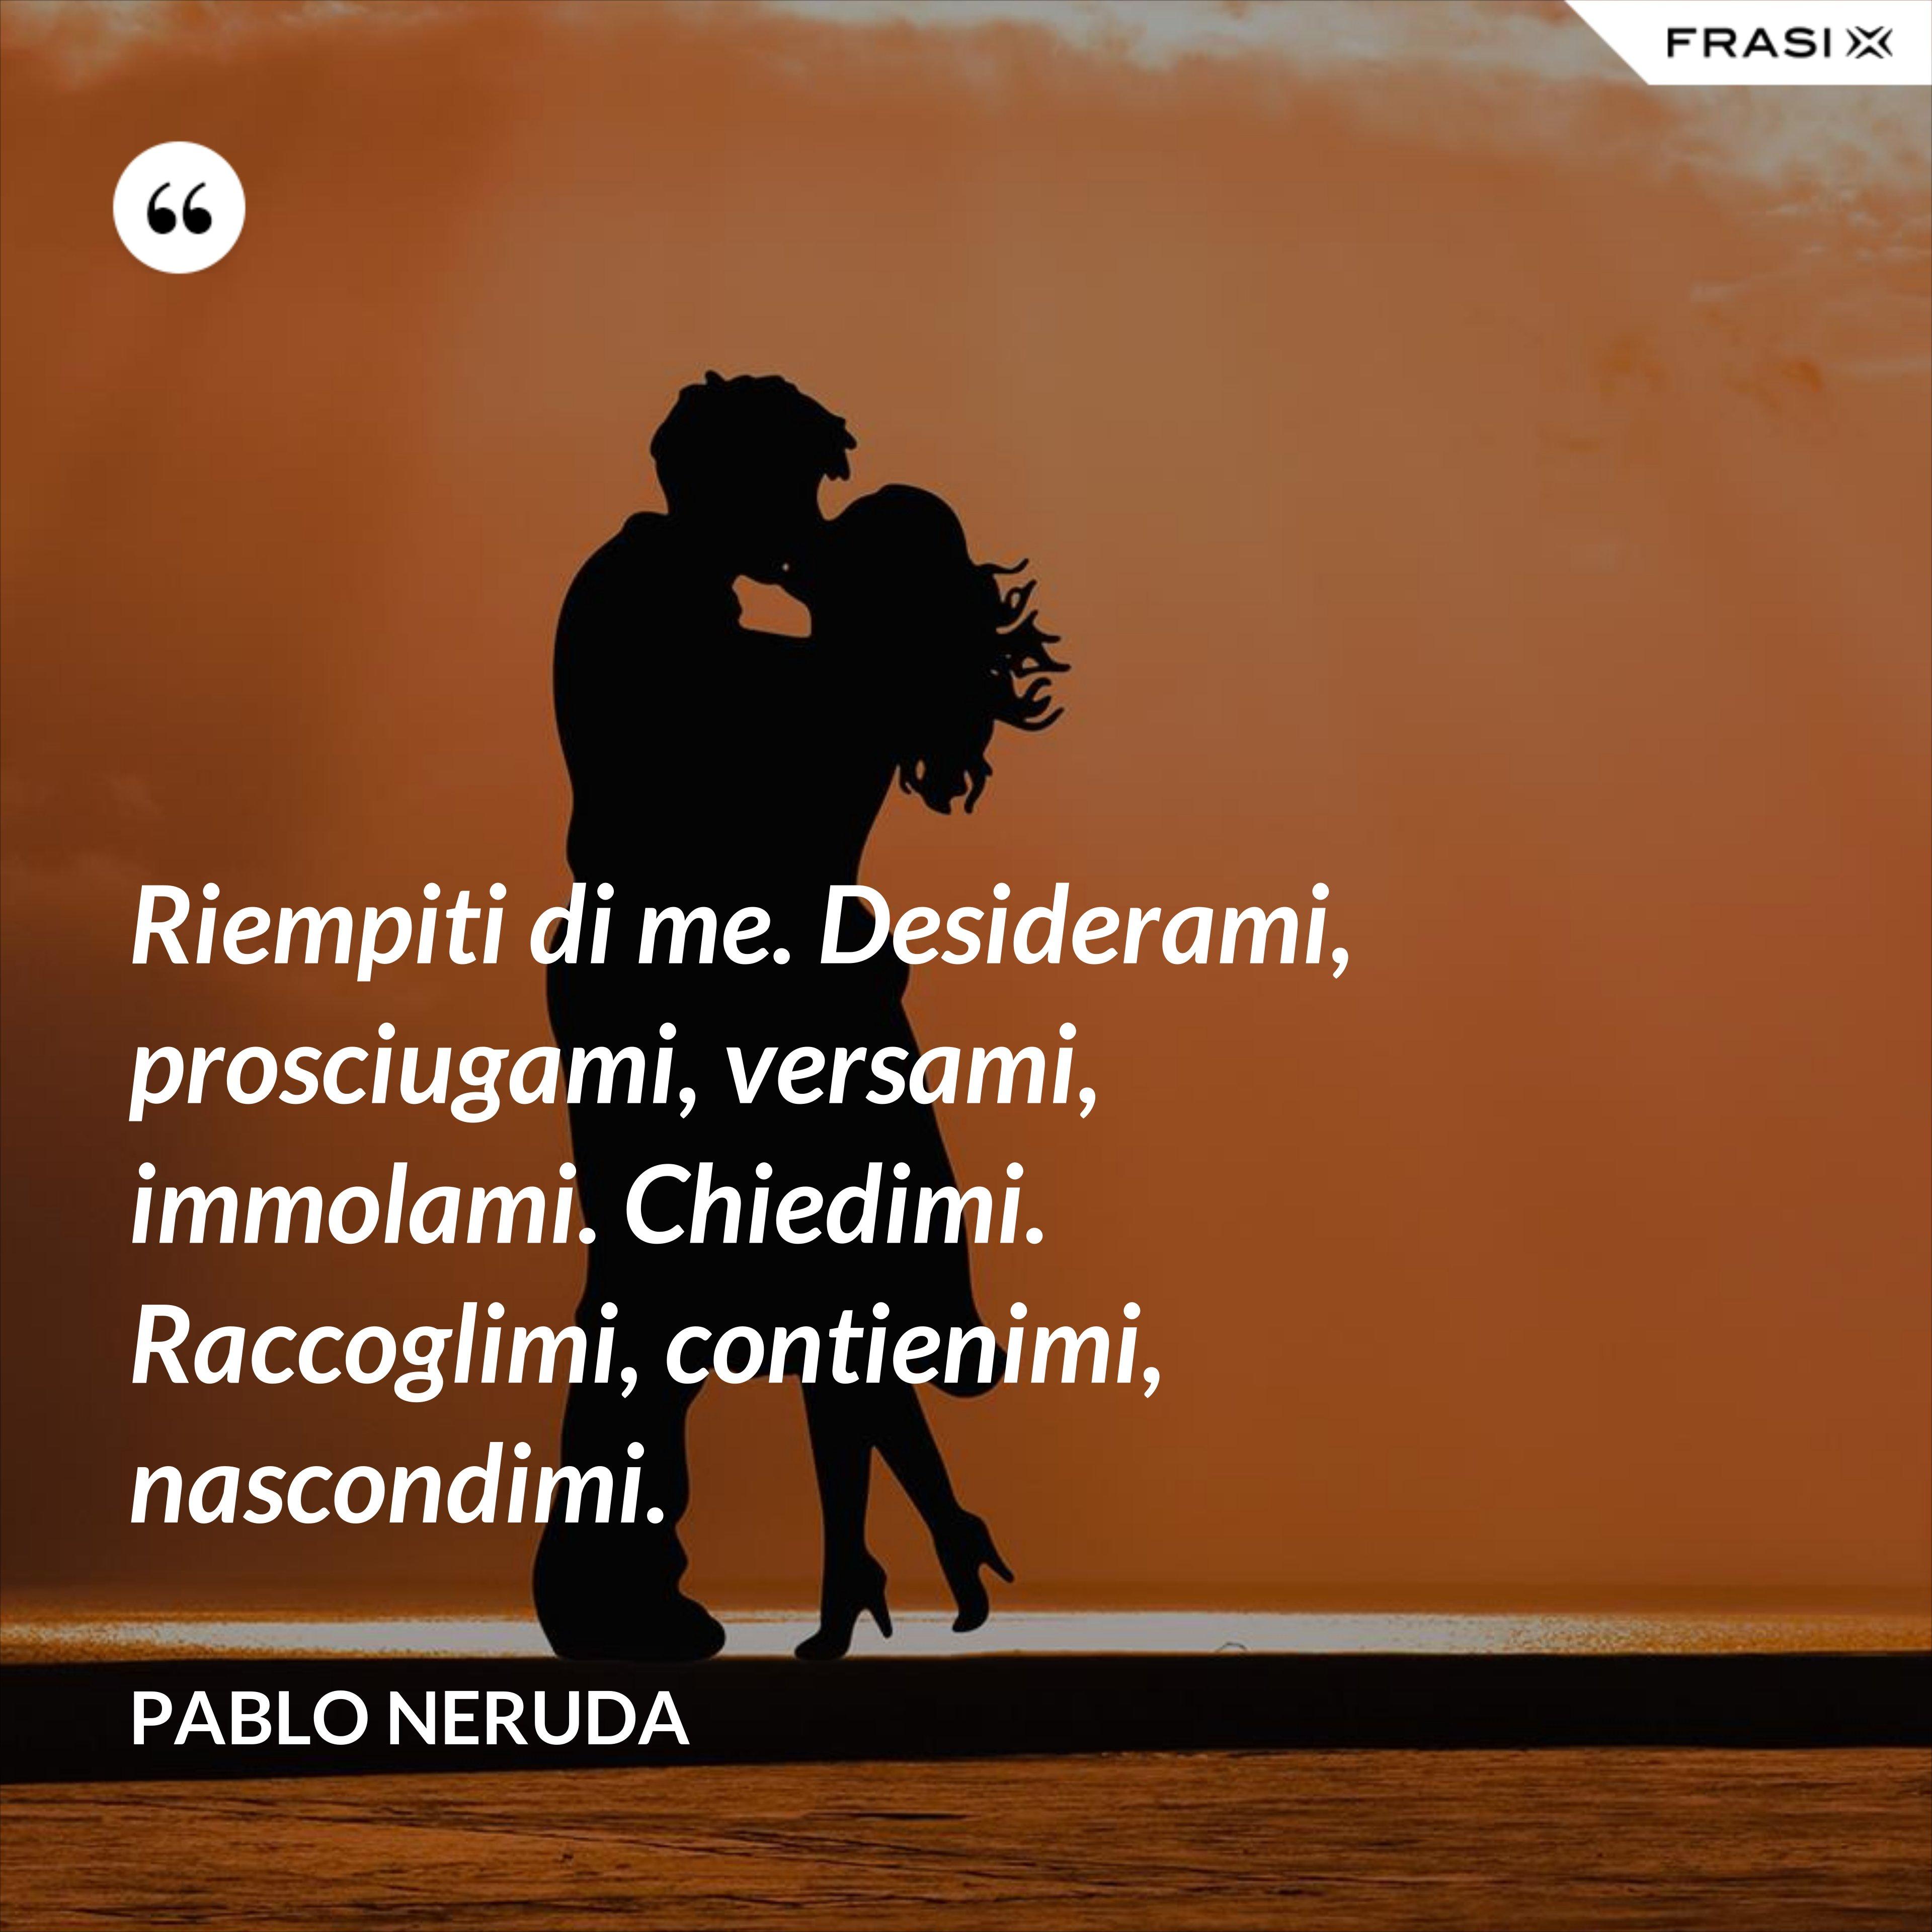 Riempiti di me. Desiderami, prosciugami, versami, immolami. Chiedimi. Raccoglimi, contienimi, nascondimi. - Pablo Neruda